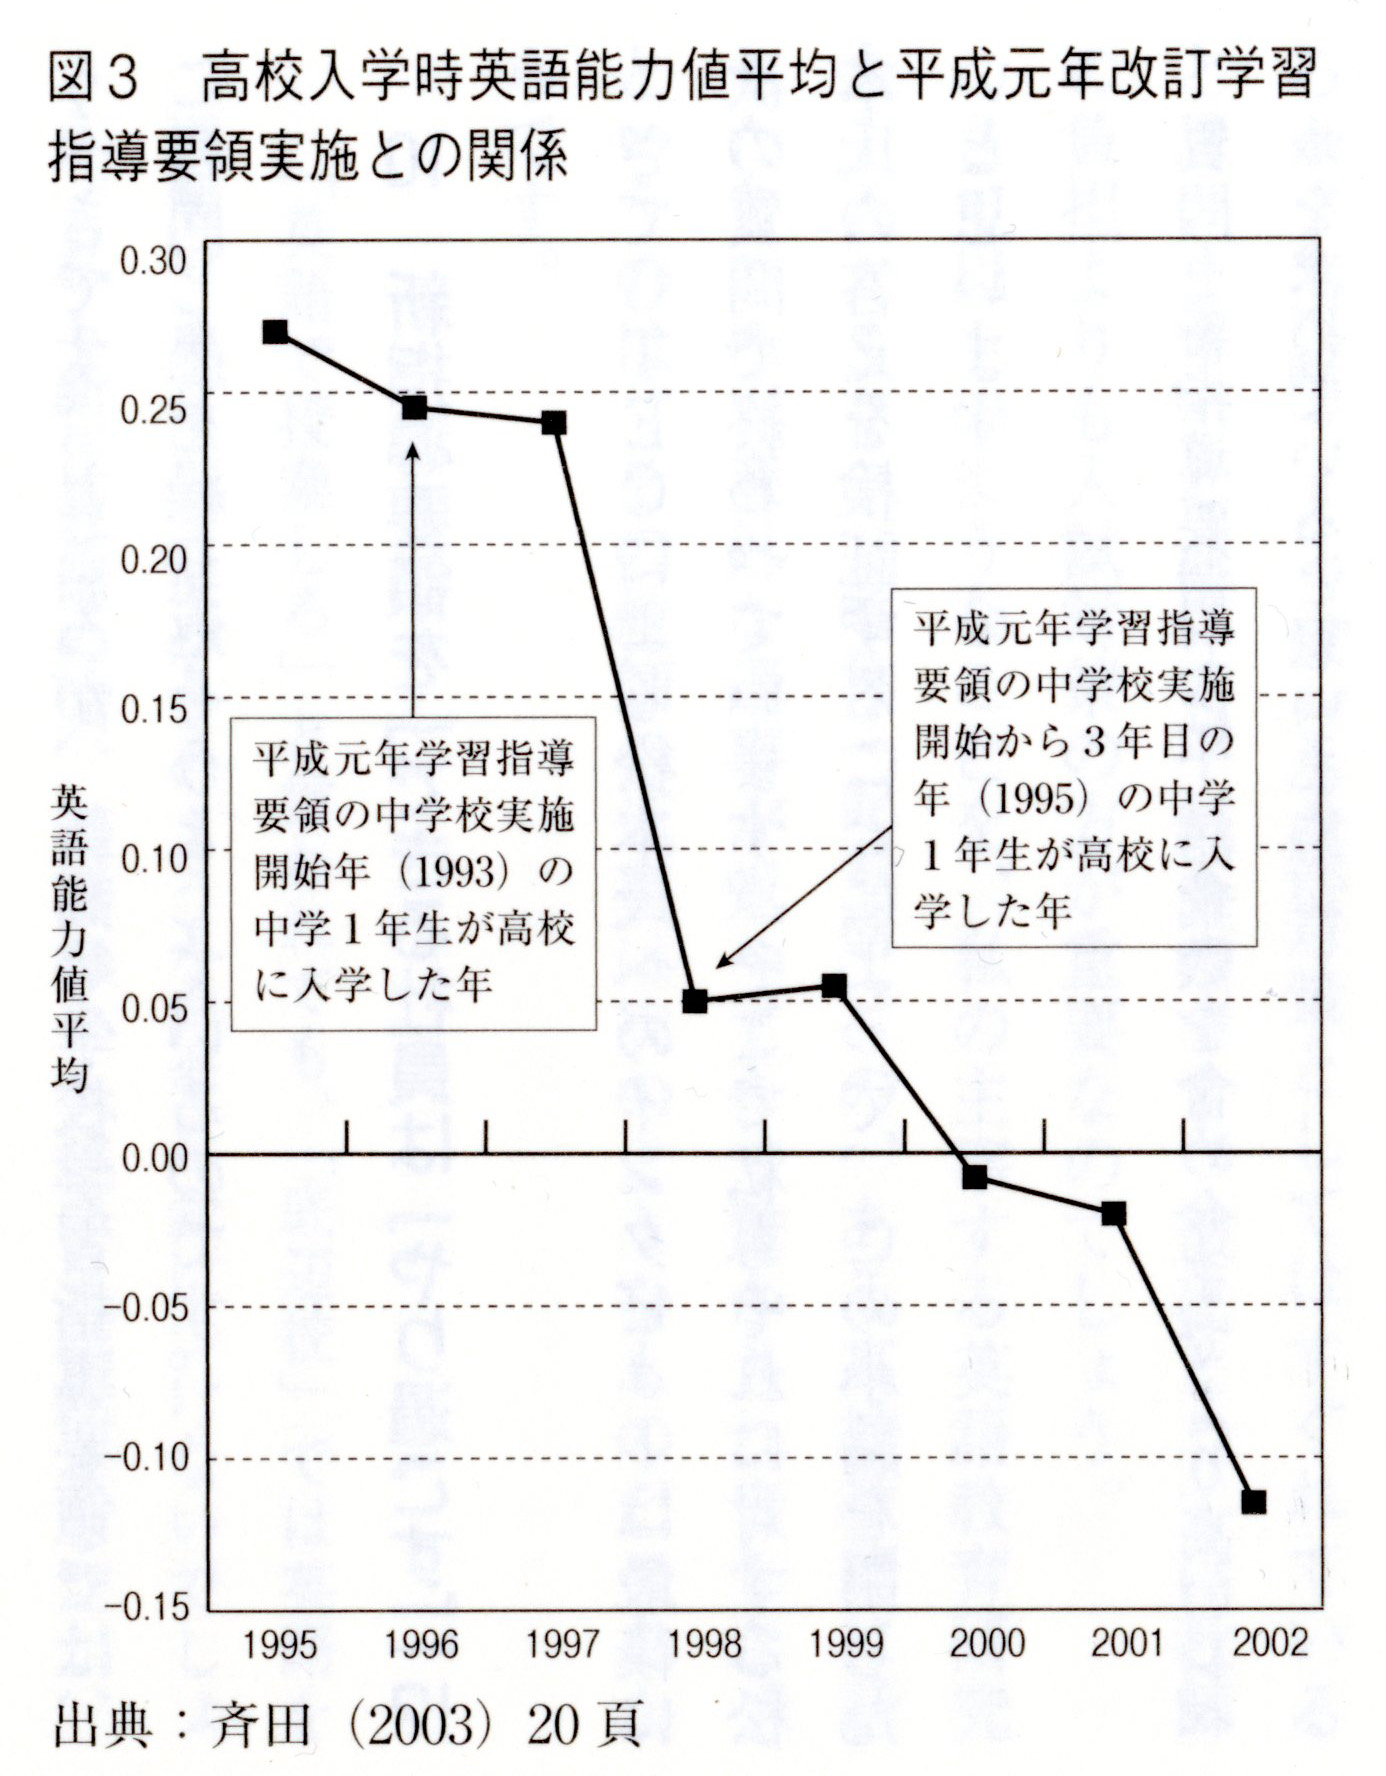 斉田智里 「学力の推移」図表